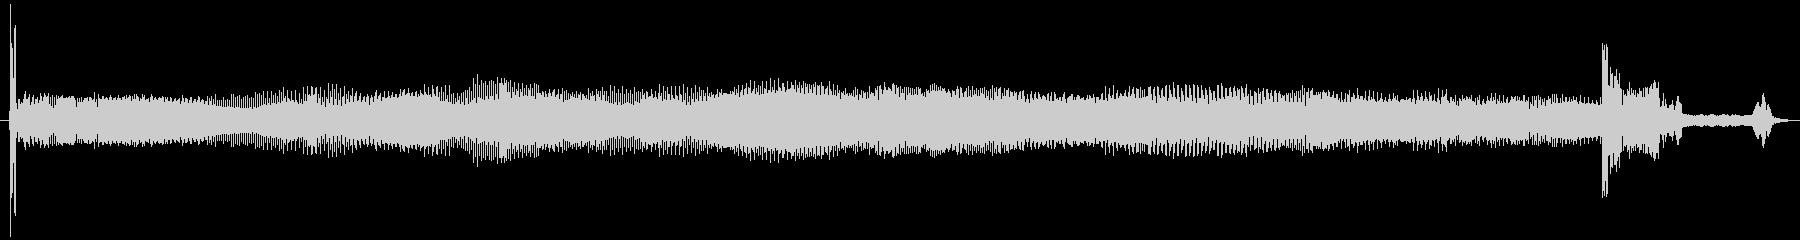 フィルムスキャナー:スキャナー、プ...の未再生の波形